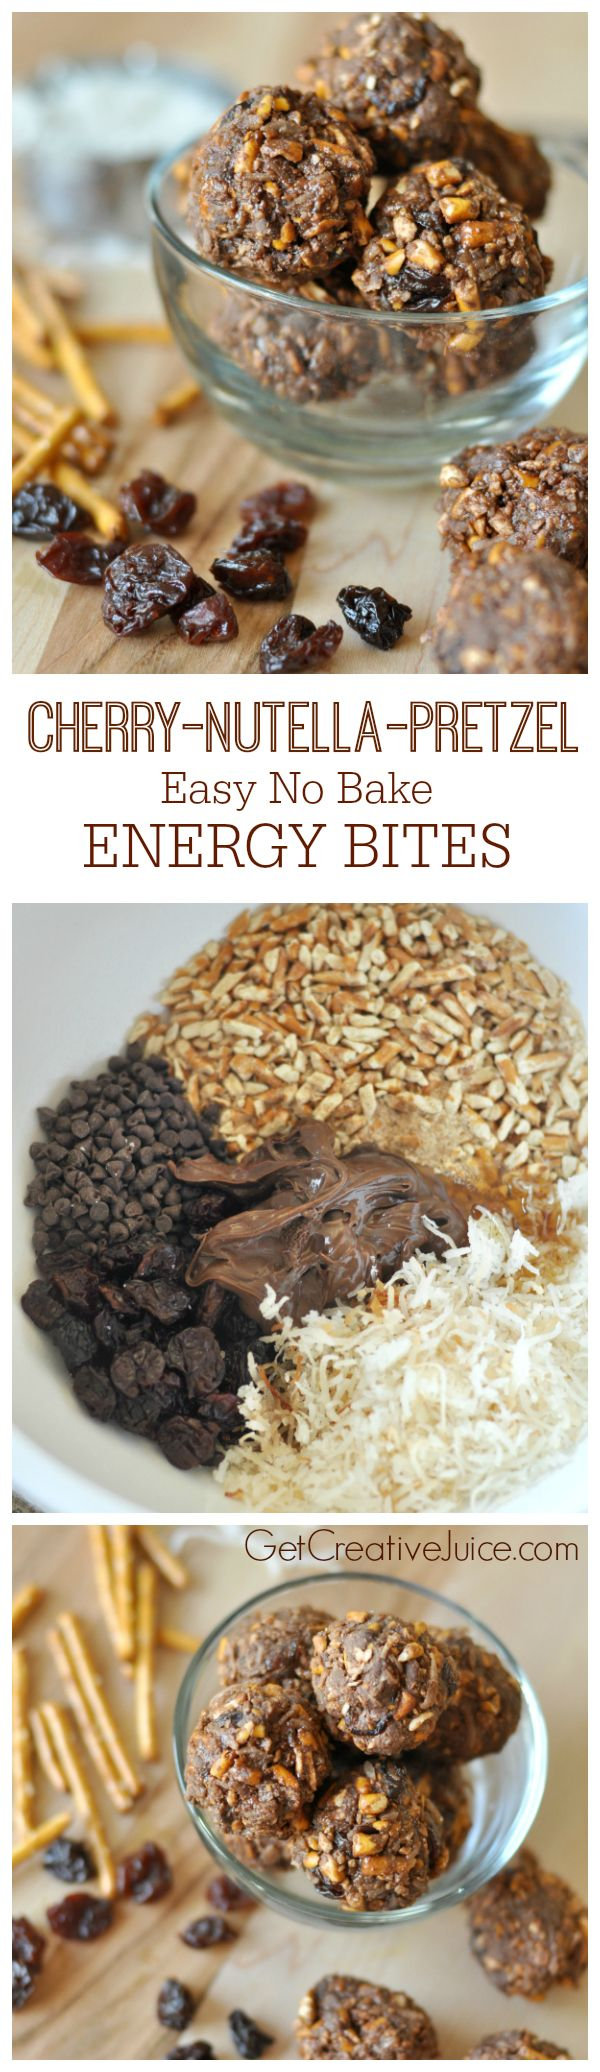 Cherry, Nutella, & Pretzel no bake energy bites